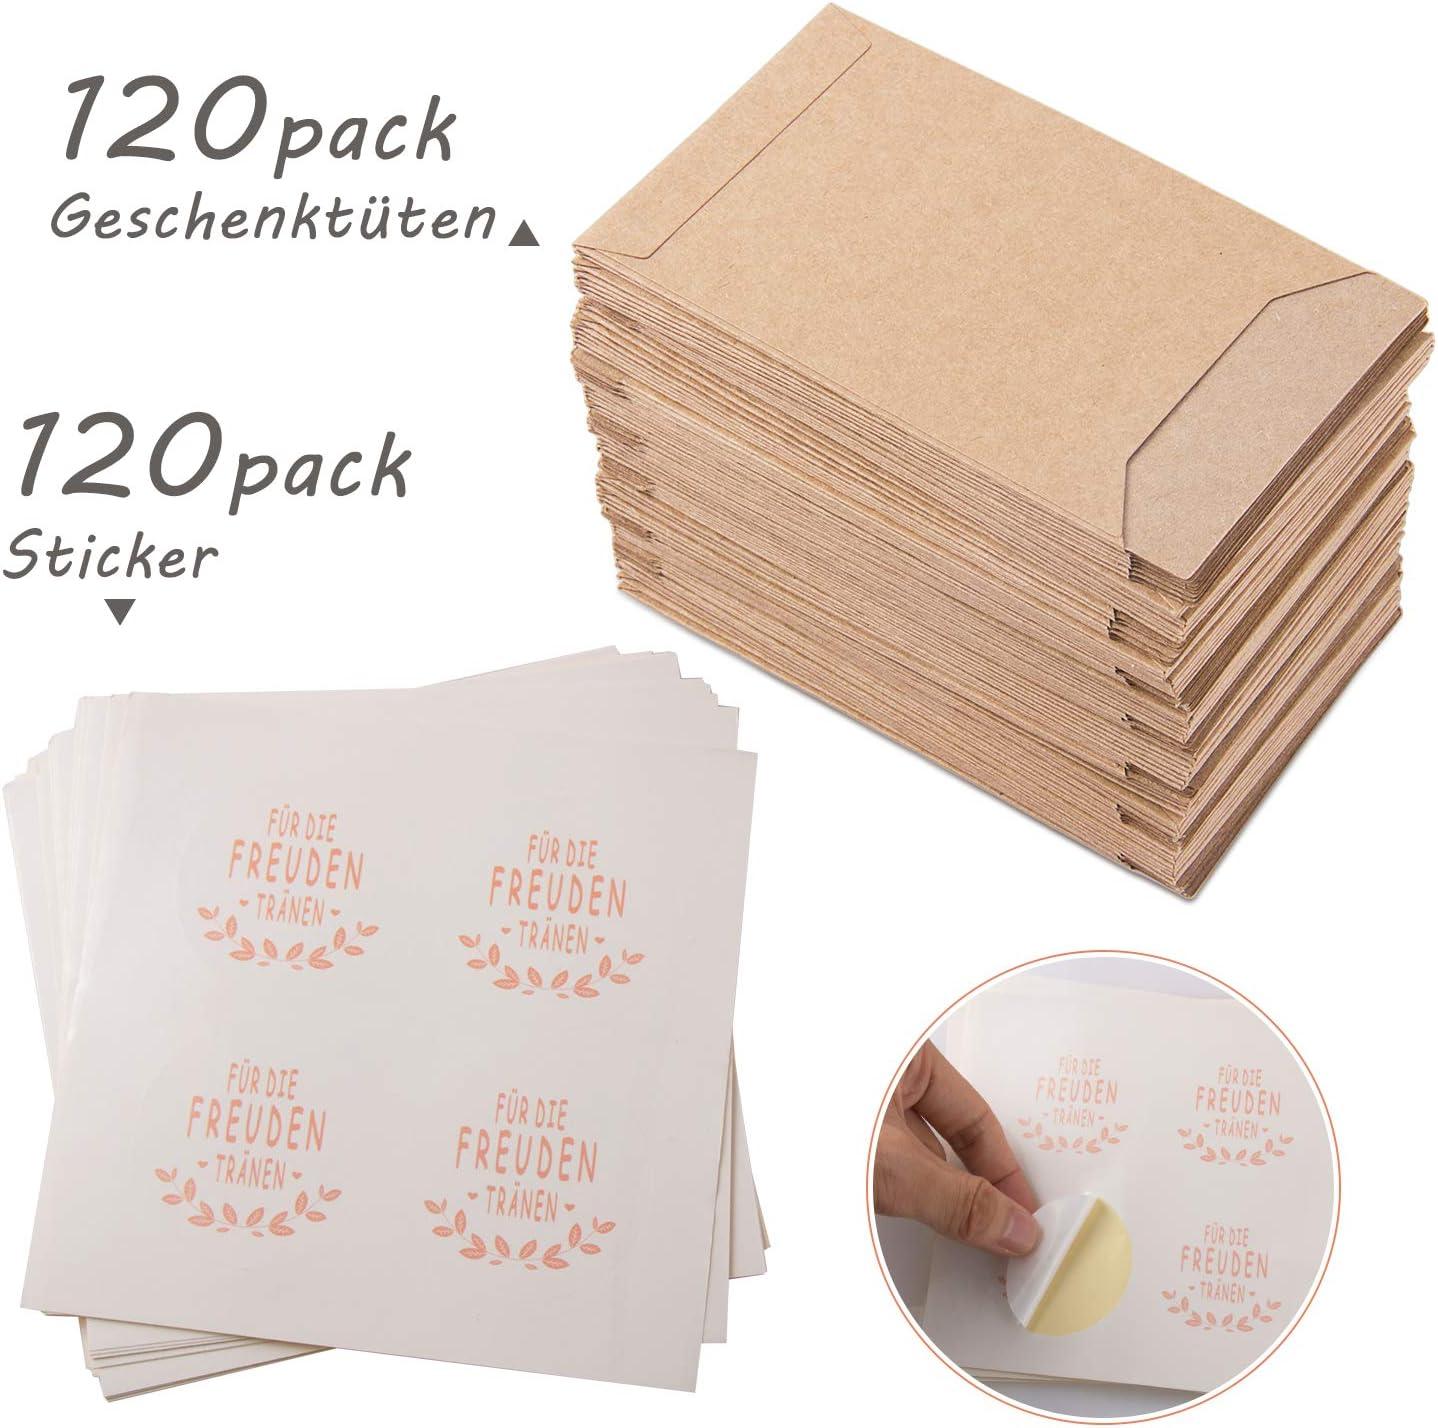 FORMIZON 120 Piezas Bolsas de Regalo, Bolsa Plana de Papel Kraft, Bolsas de Regalo Vintage y Stickers, Ideal para Boda Dulces, Bautizos, Pañuelo, Regalo de Invitados: Amazon.es: Hogar